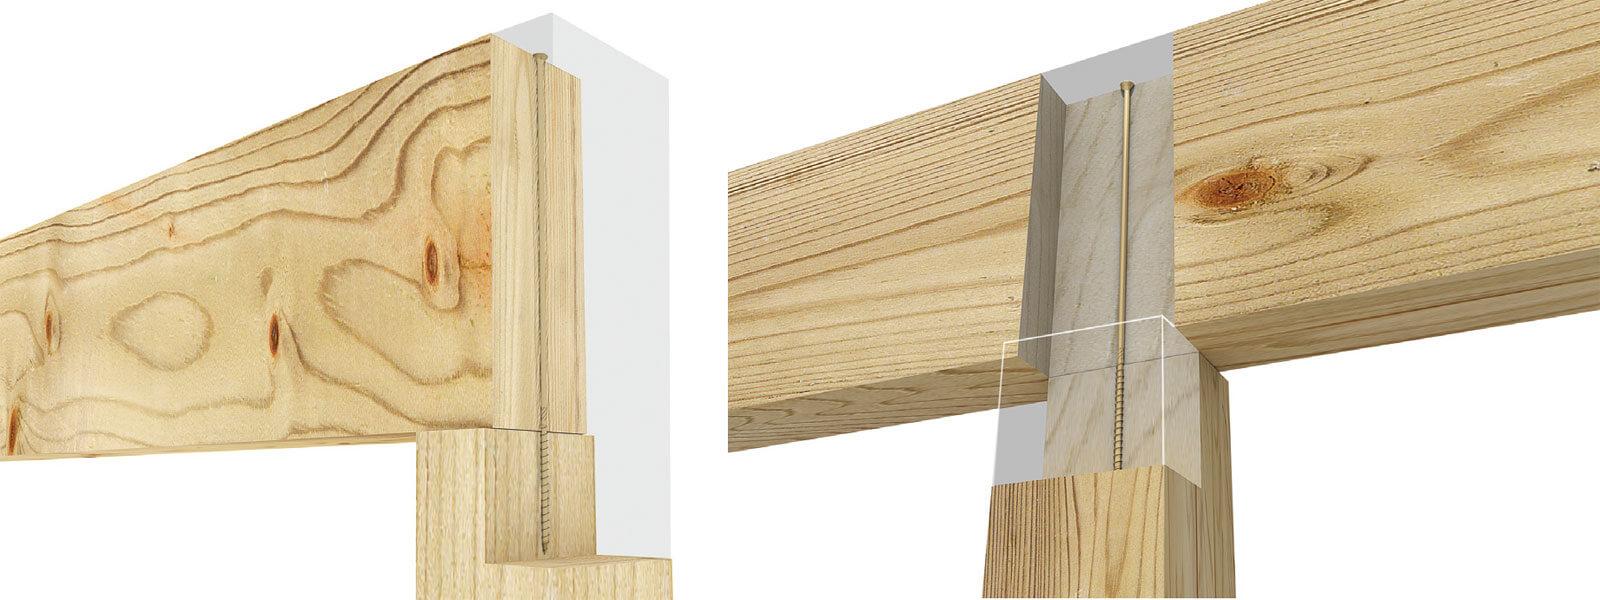 Rys. 3. Wkręty ciesielskie - połączenie belek ze słupem.